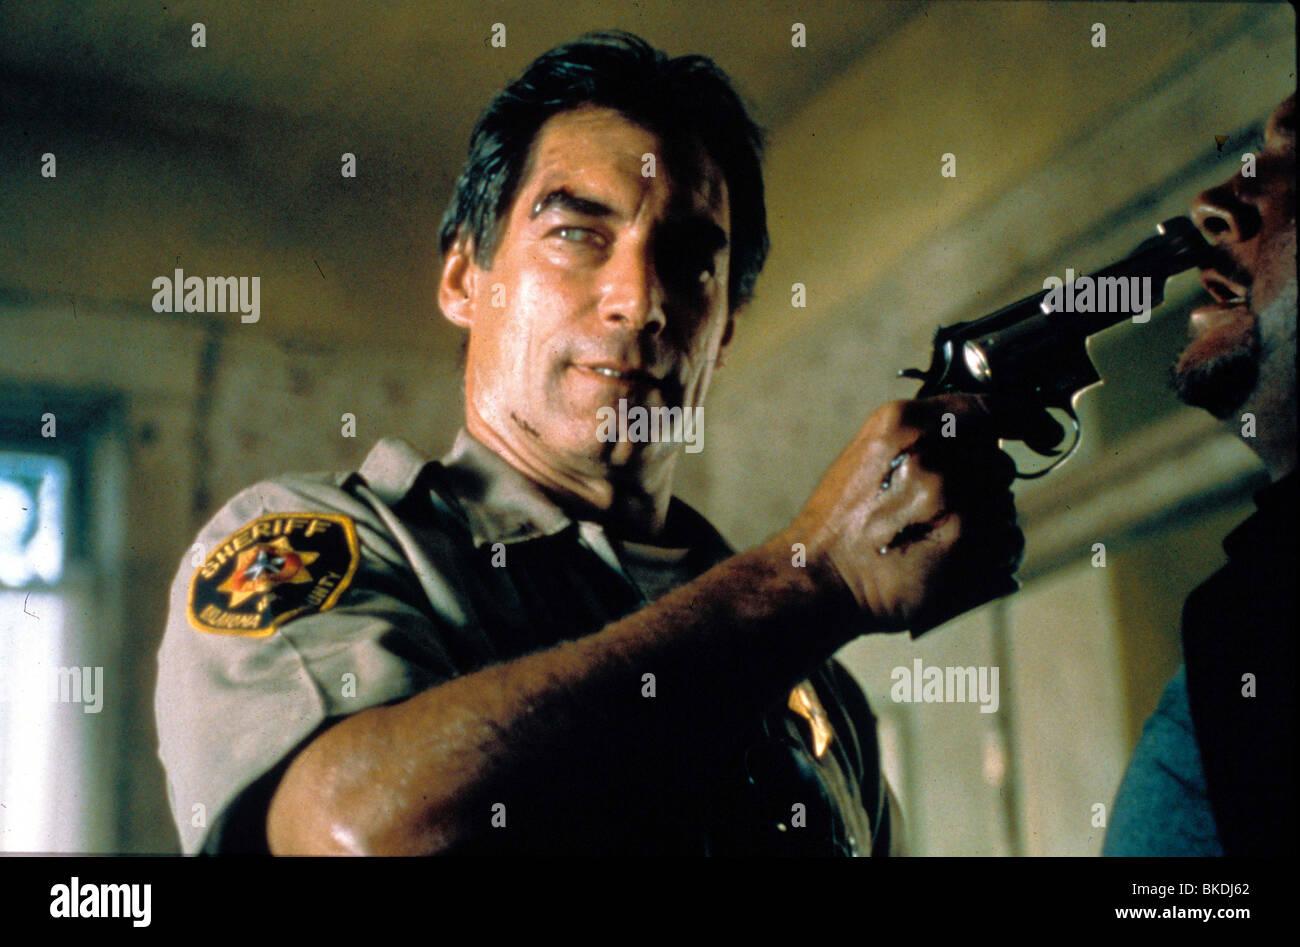 Fatti uomini -1999 Timothy Dalton Immagini Stock